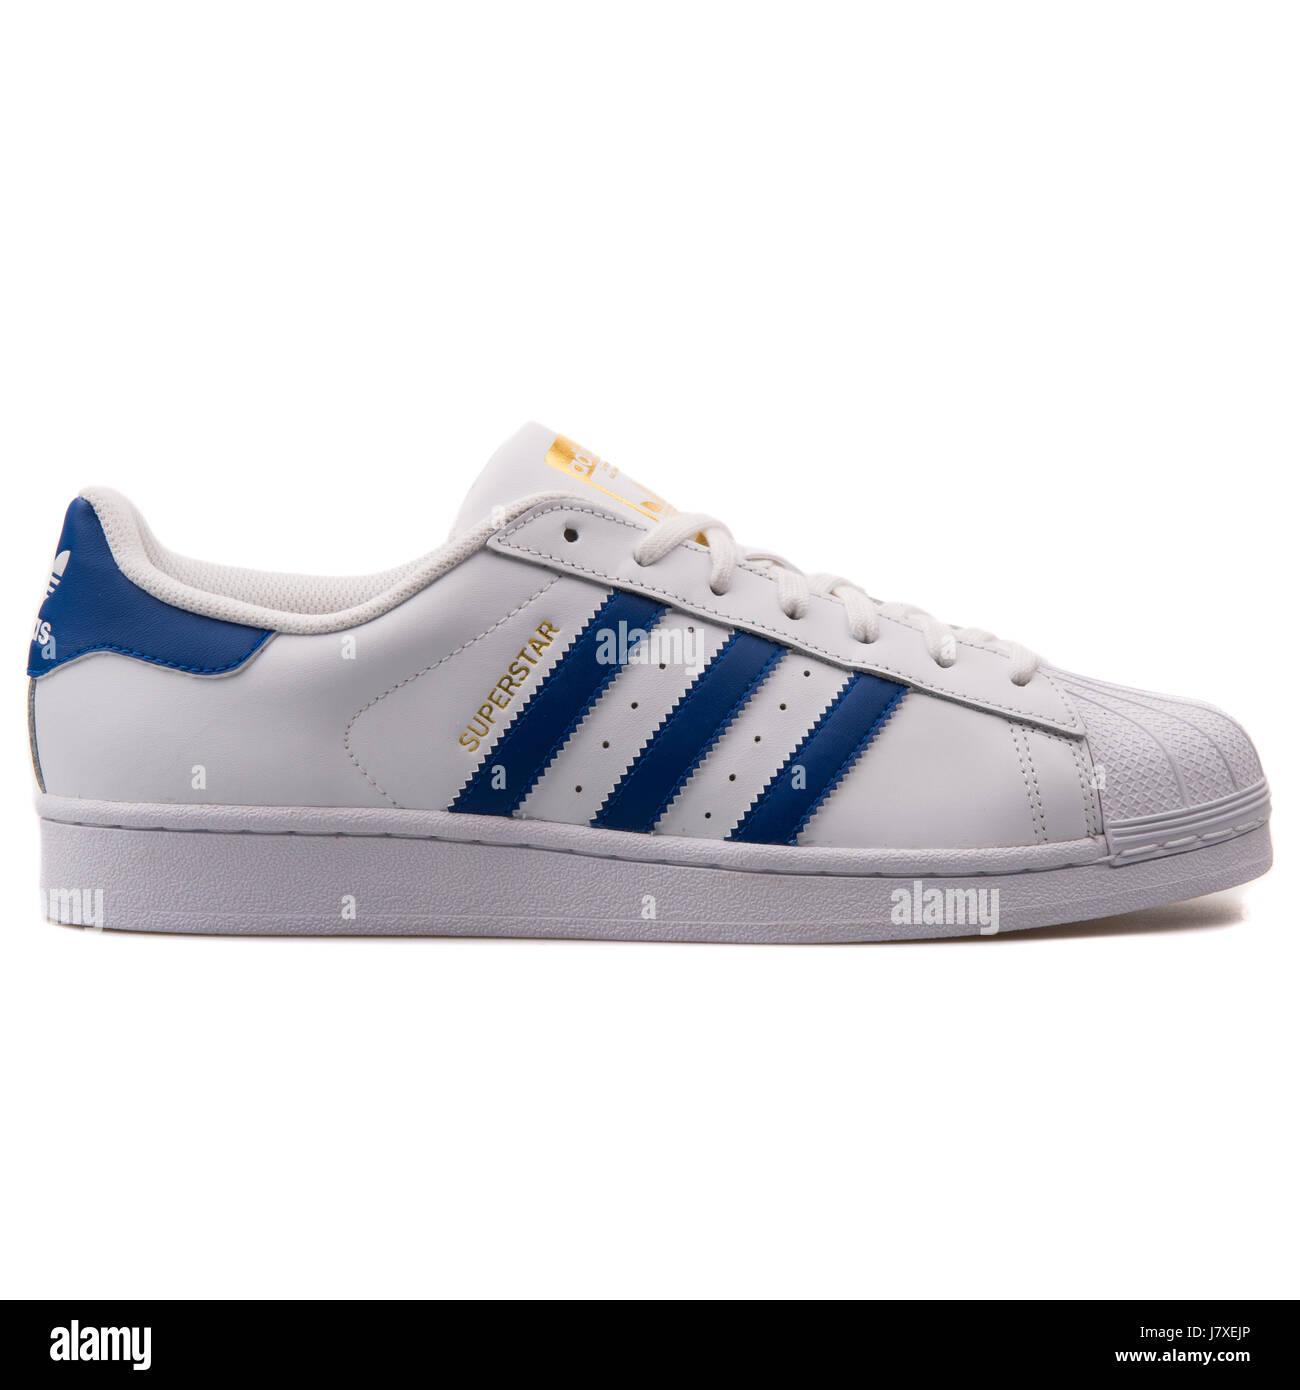 Adidas White Sneakers Imágenes De Stock & Adidas White